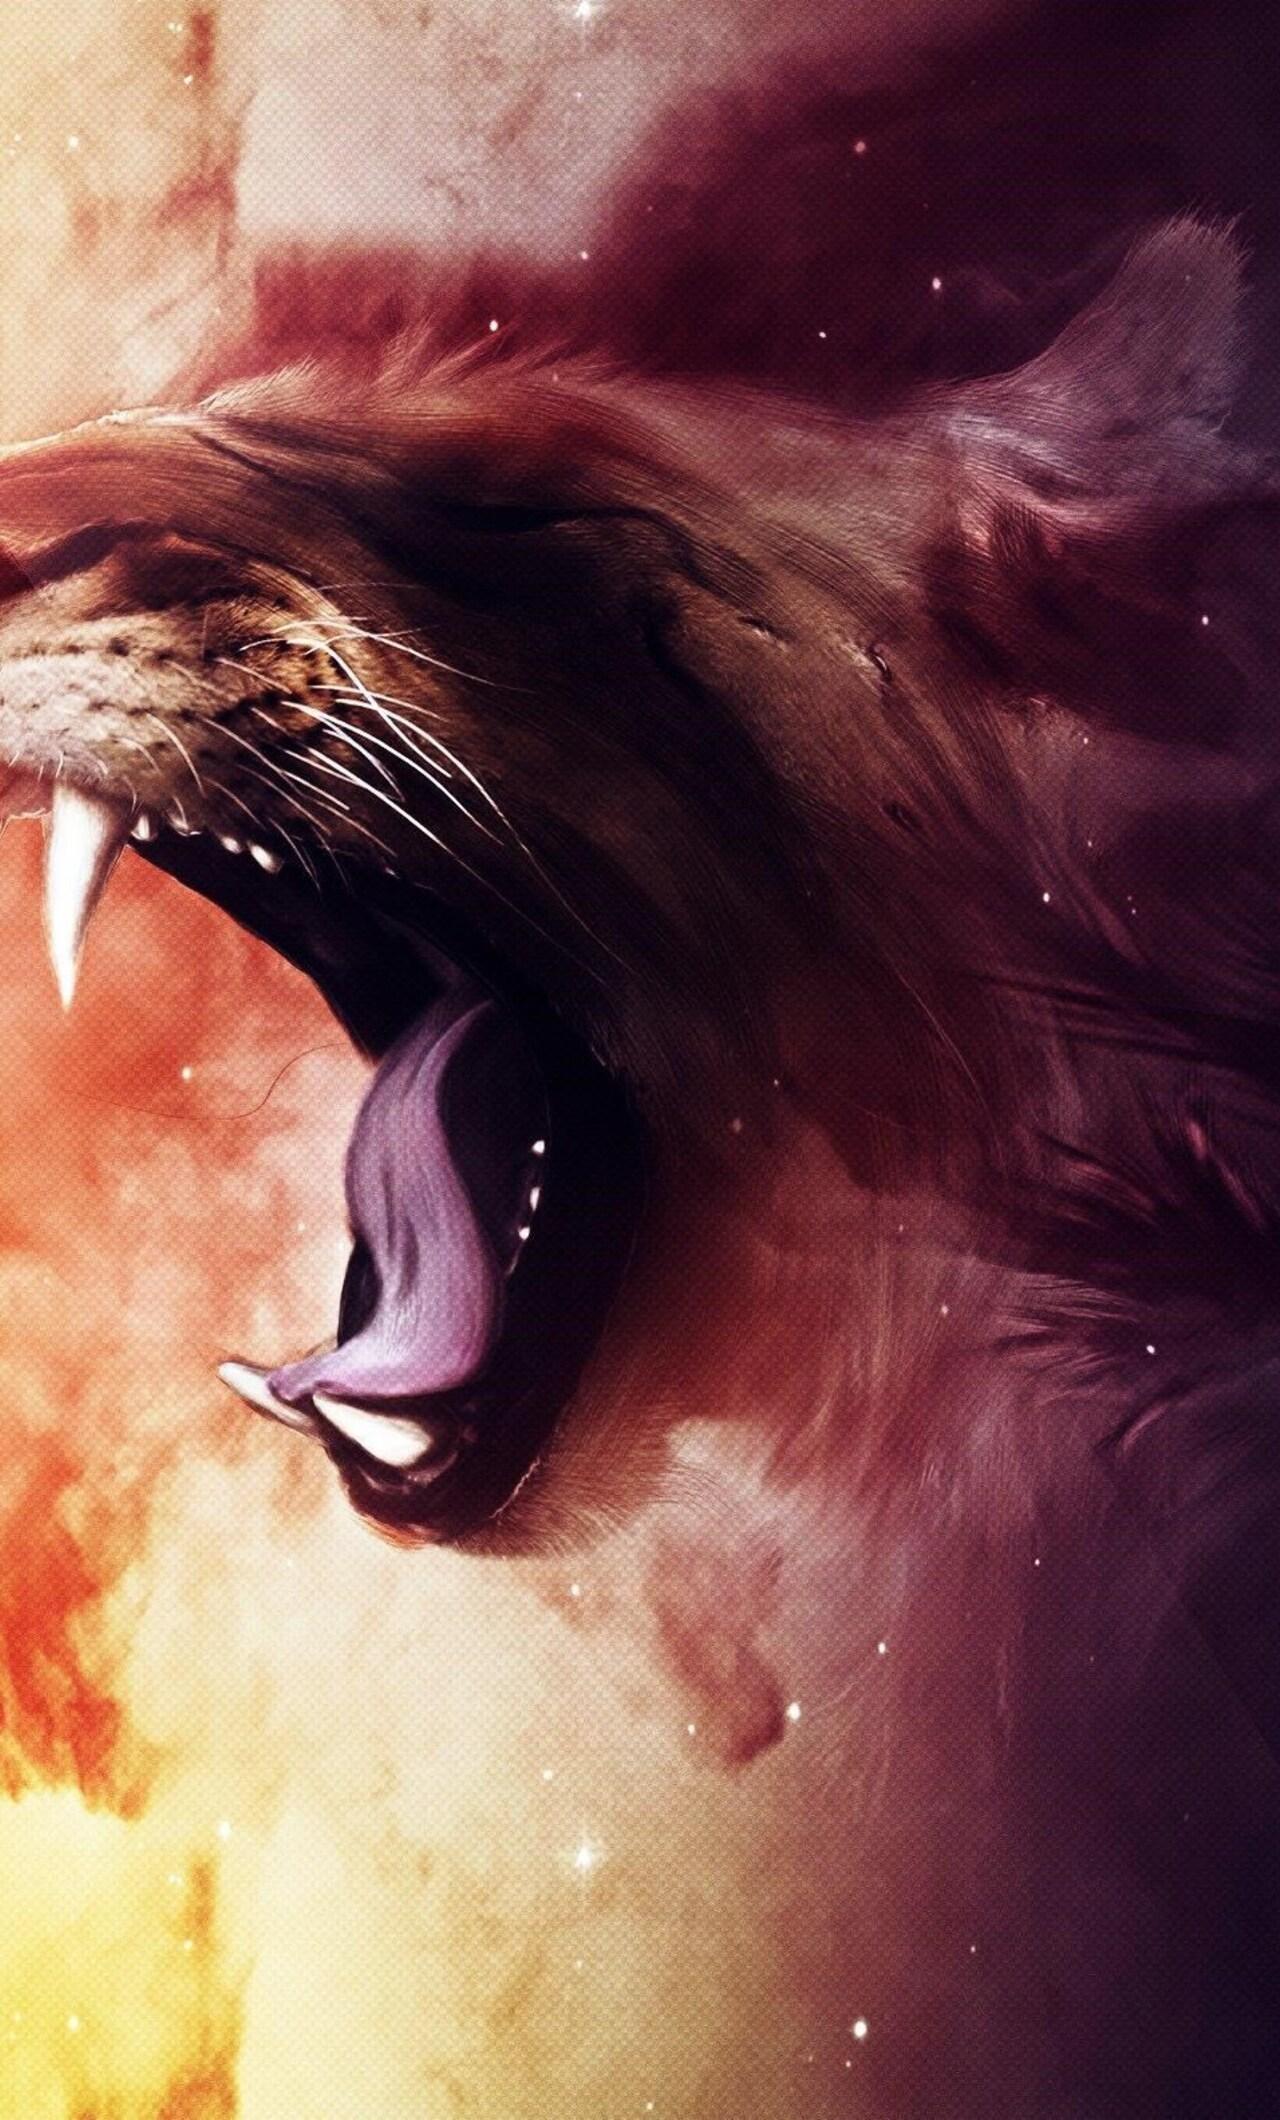 roaring-lion.jpg